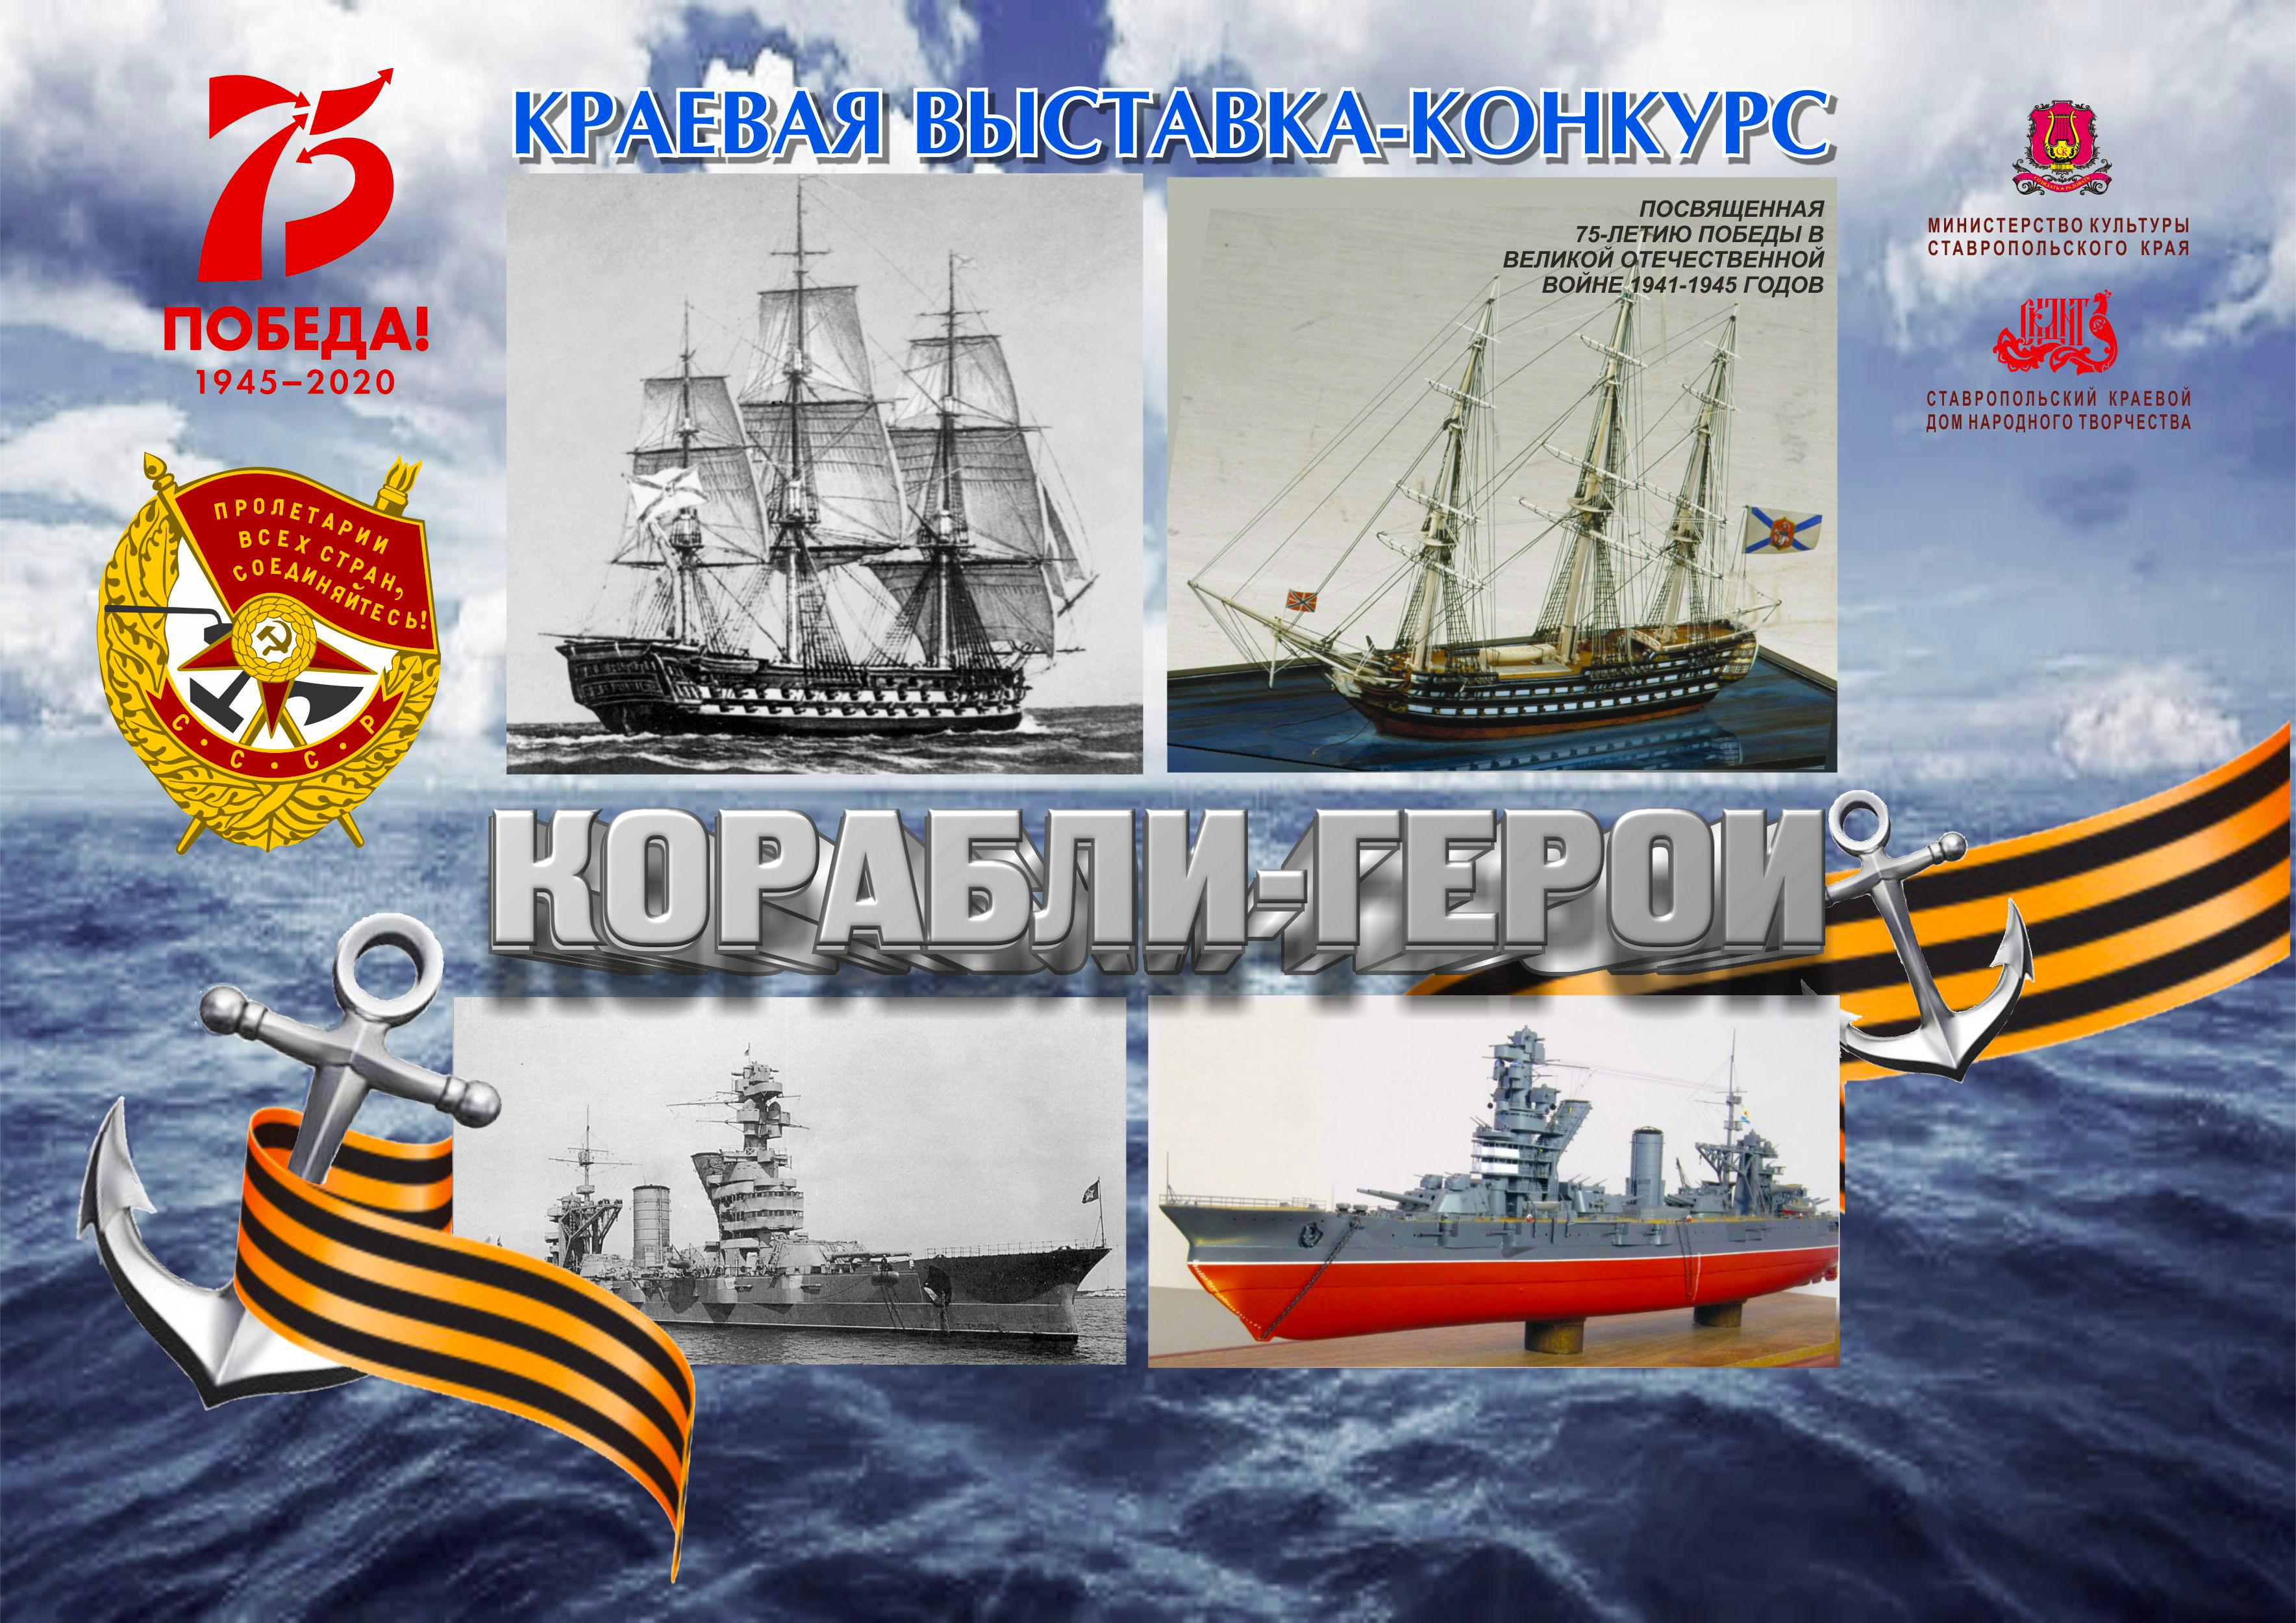 Выставка-конкурс «Корабли-герои» открывается в Ставропольском краевом Доме народного творчества